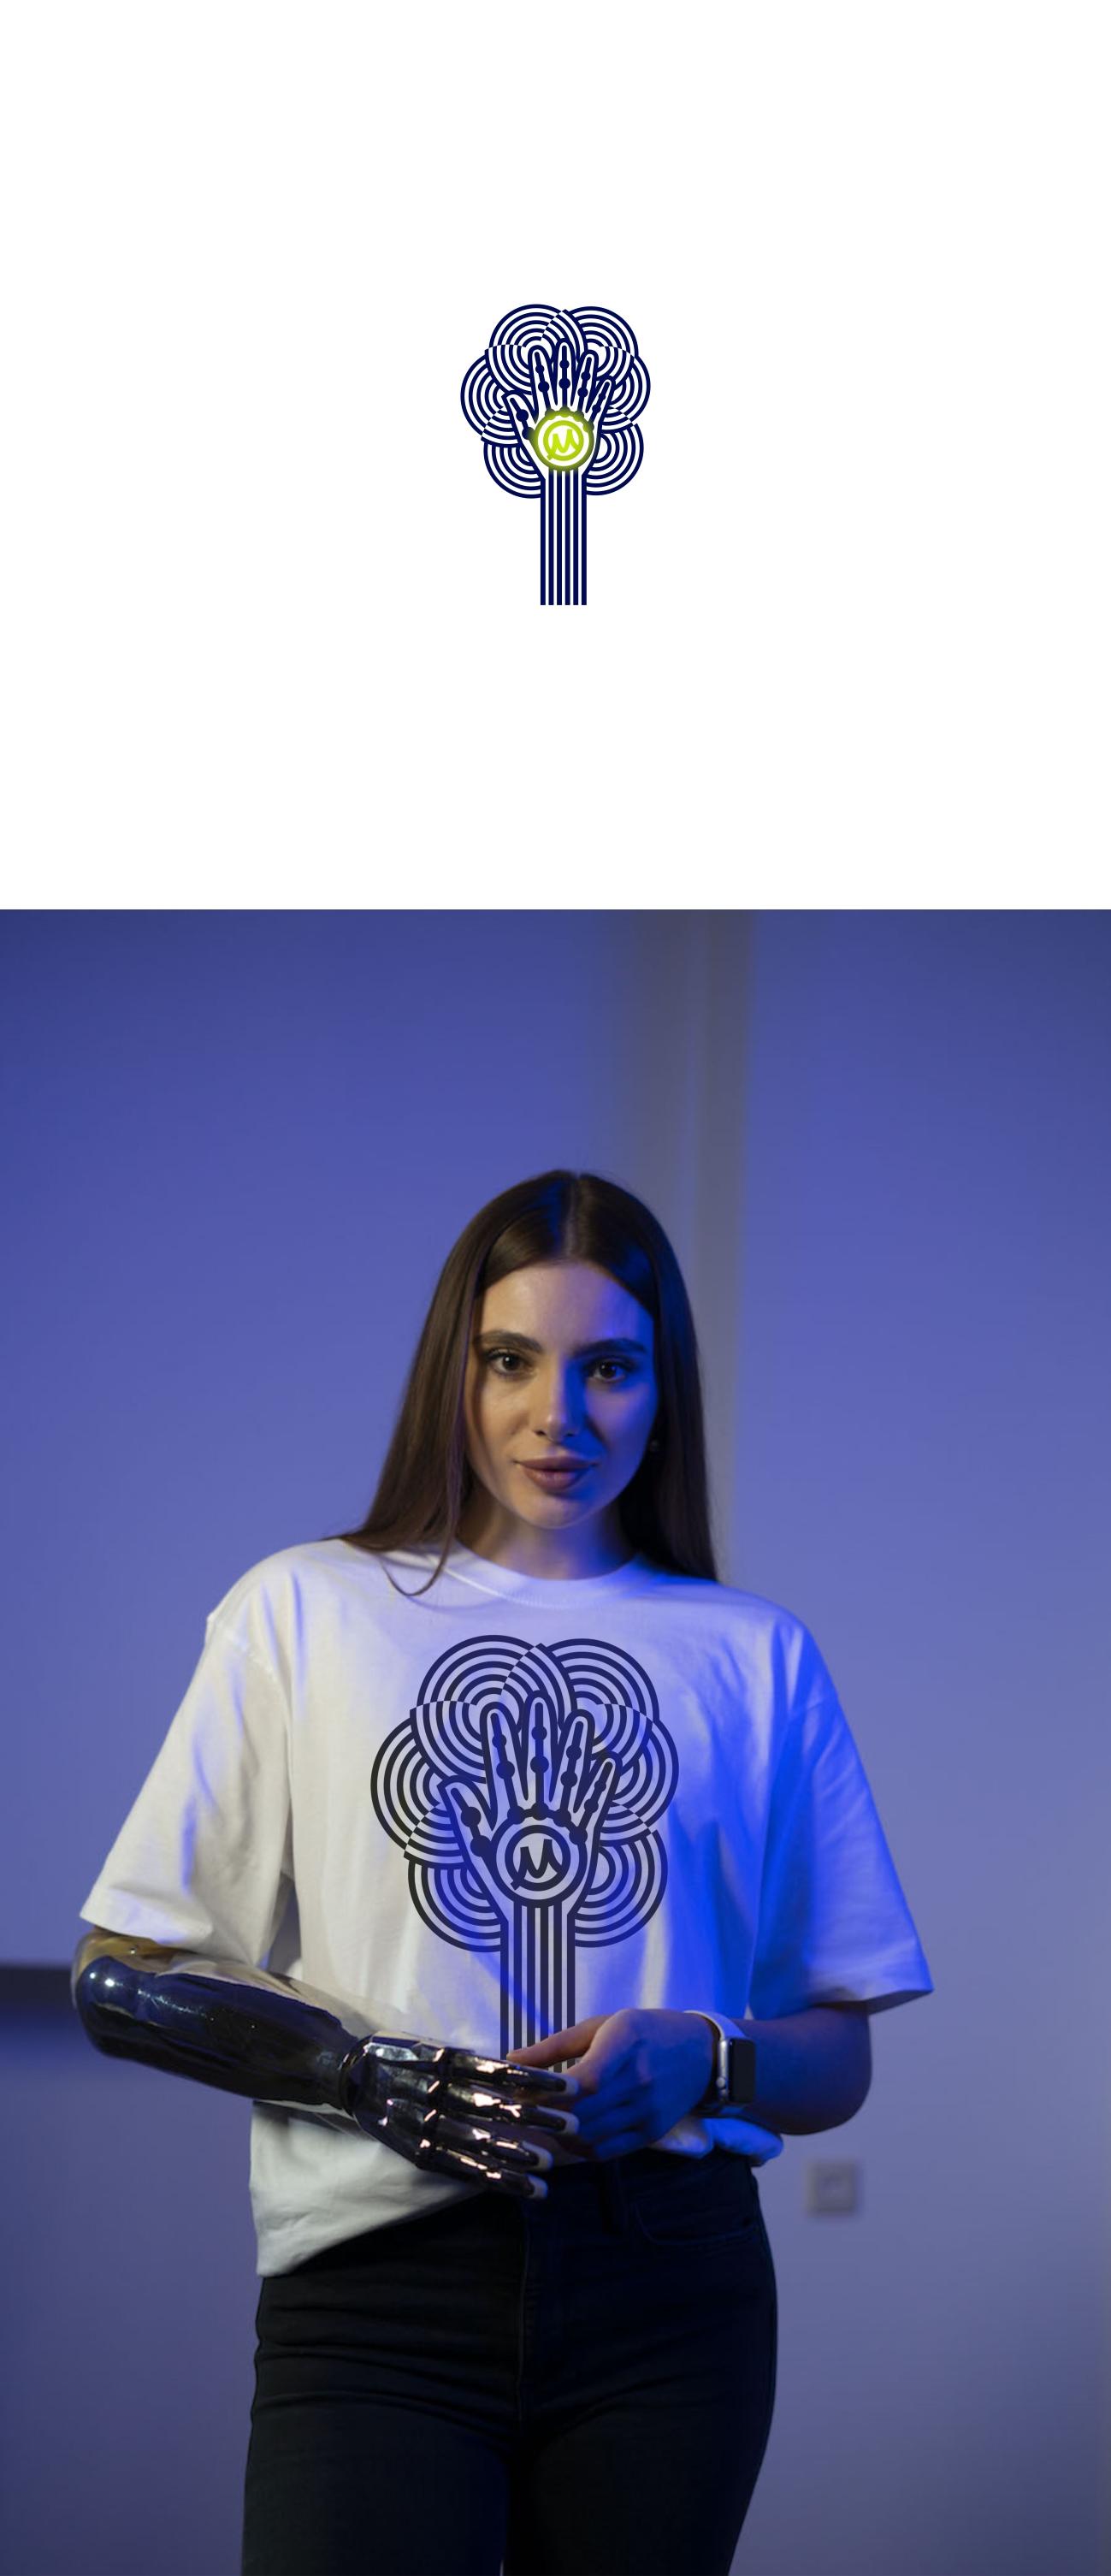 Нарисовать принты на футболки для компании Моторика фото f_689609e67d71d3c0.jpg